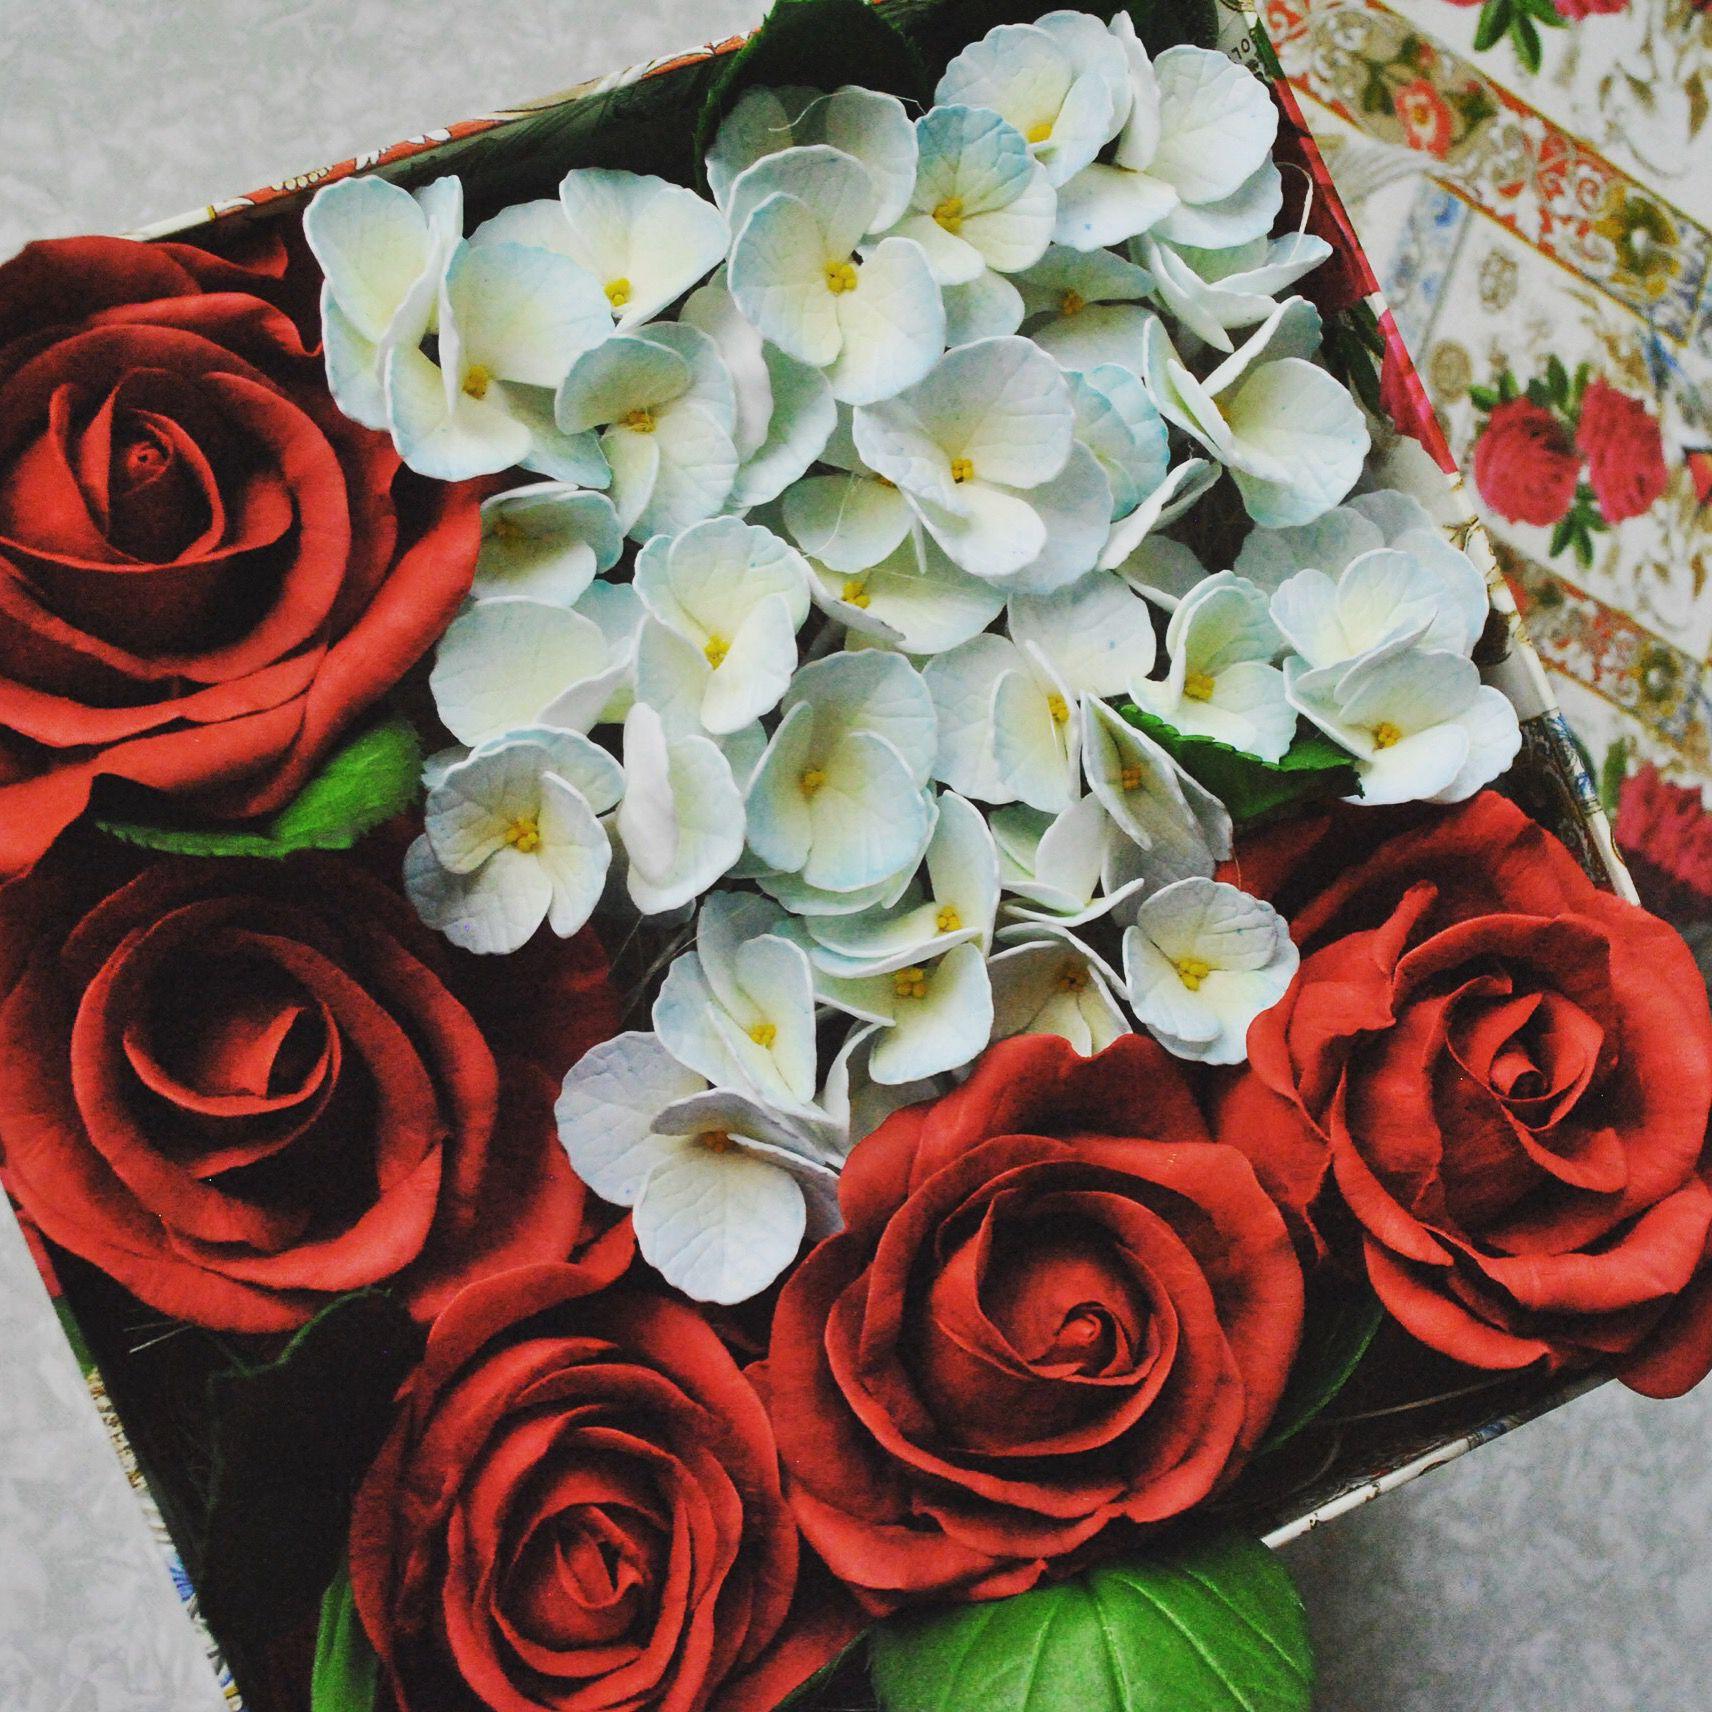 фоамиранподарок цветы руками своими